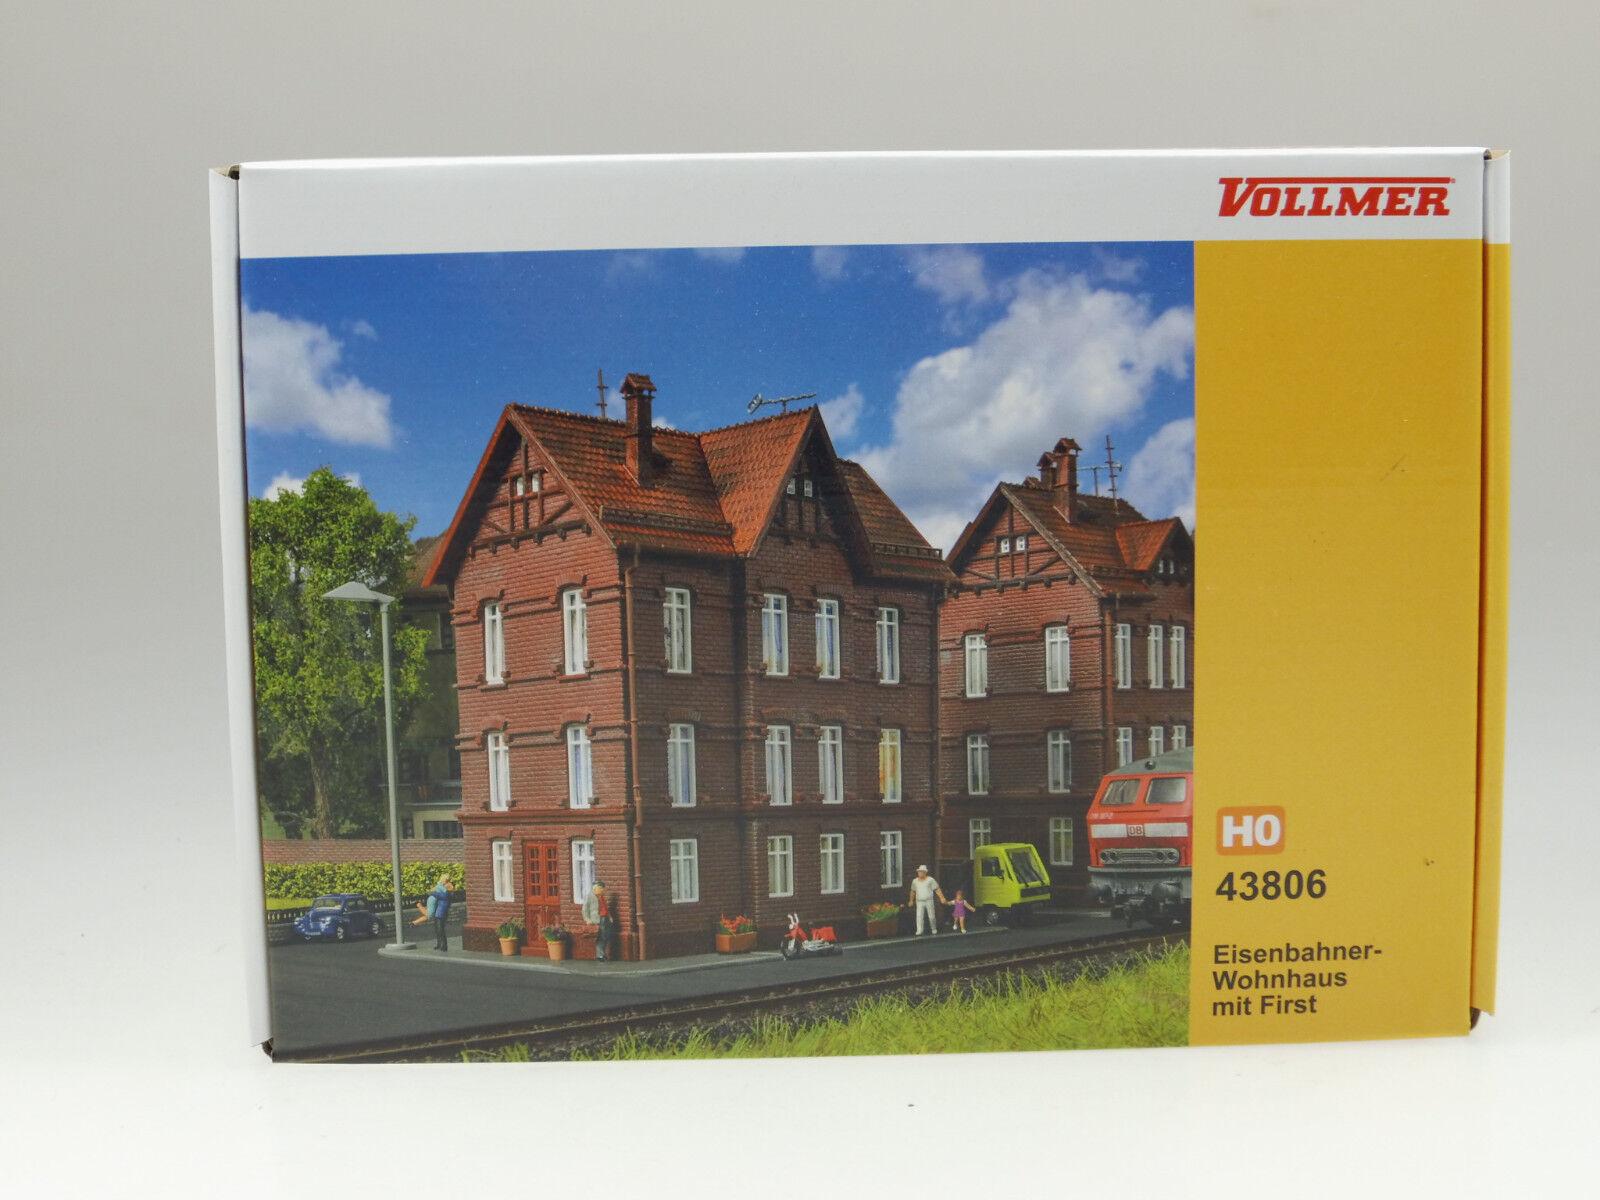 Vollmer H0 43806 Eisenbahner-Wohnhaus mit First   Bausatz Neuware Messepreis